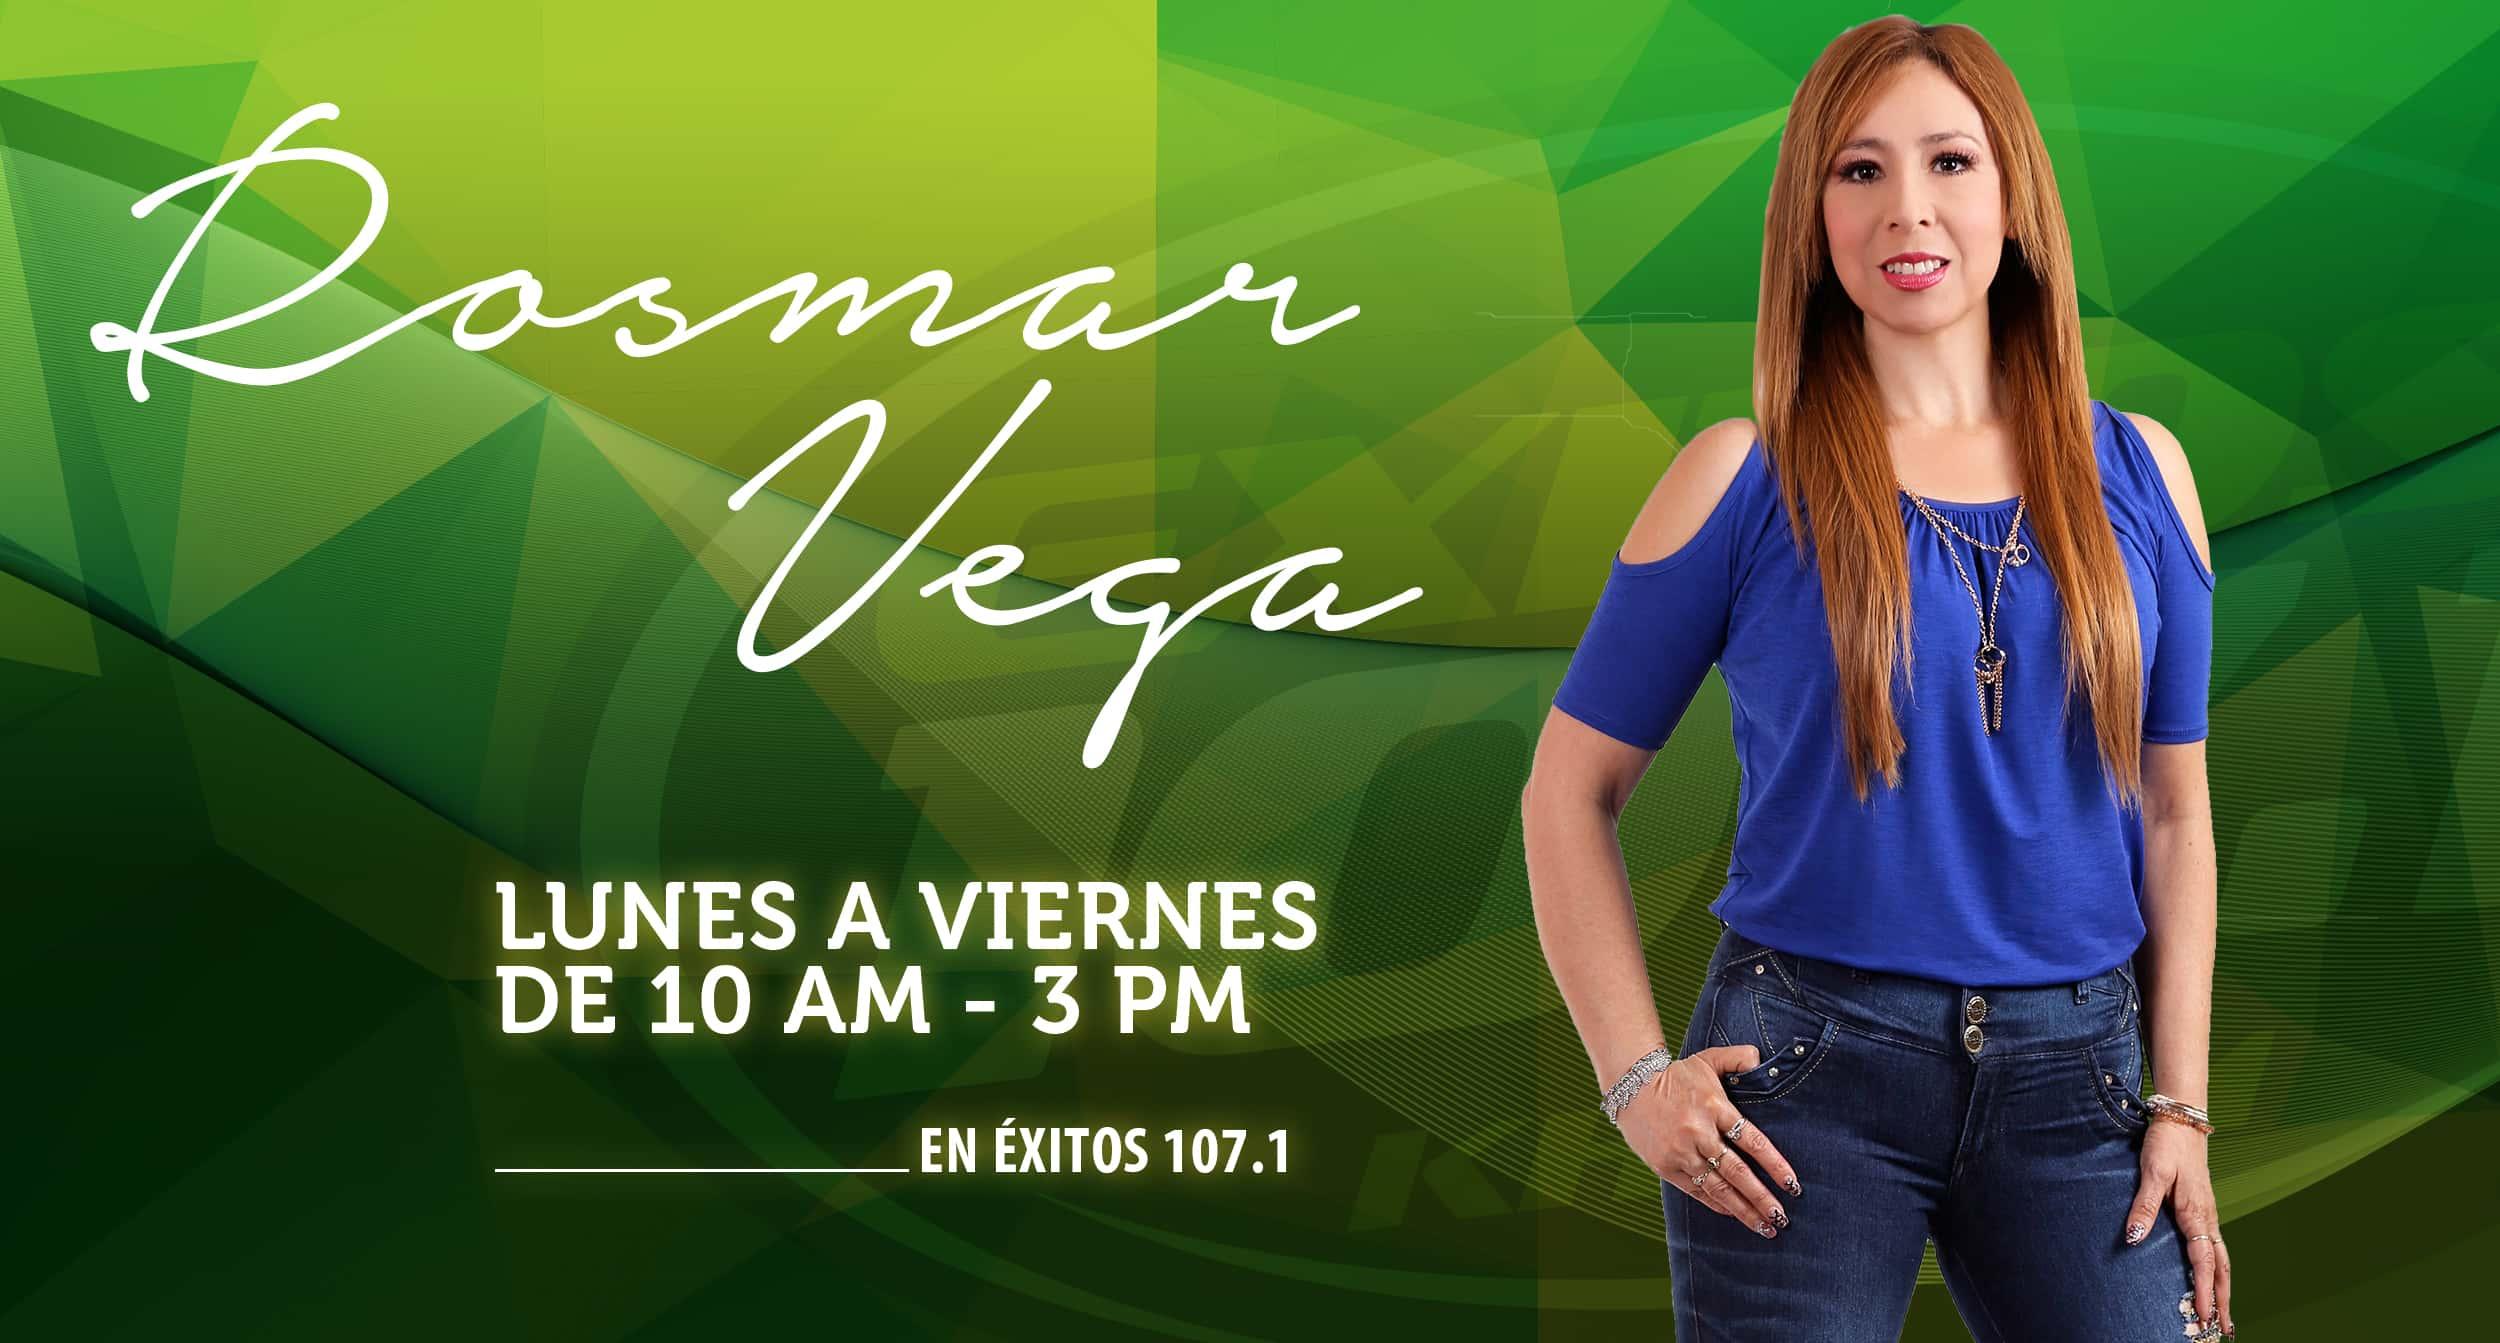 Rosmar Vega Exitos 1071